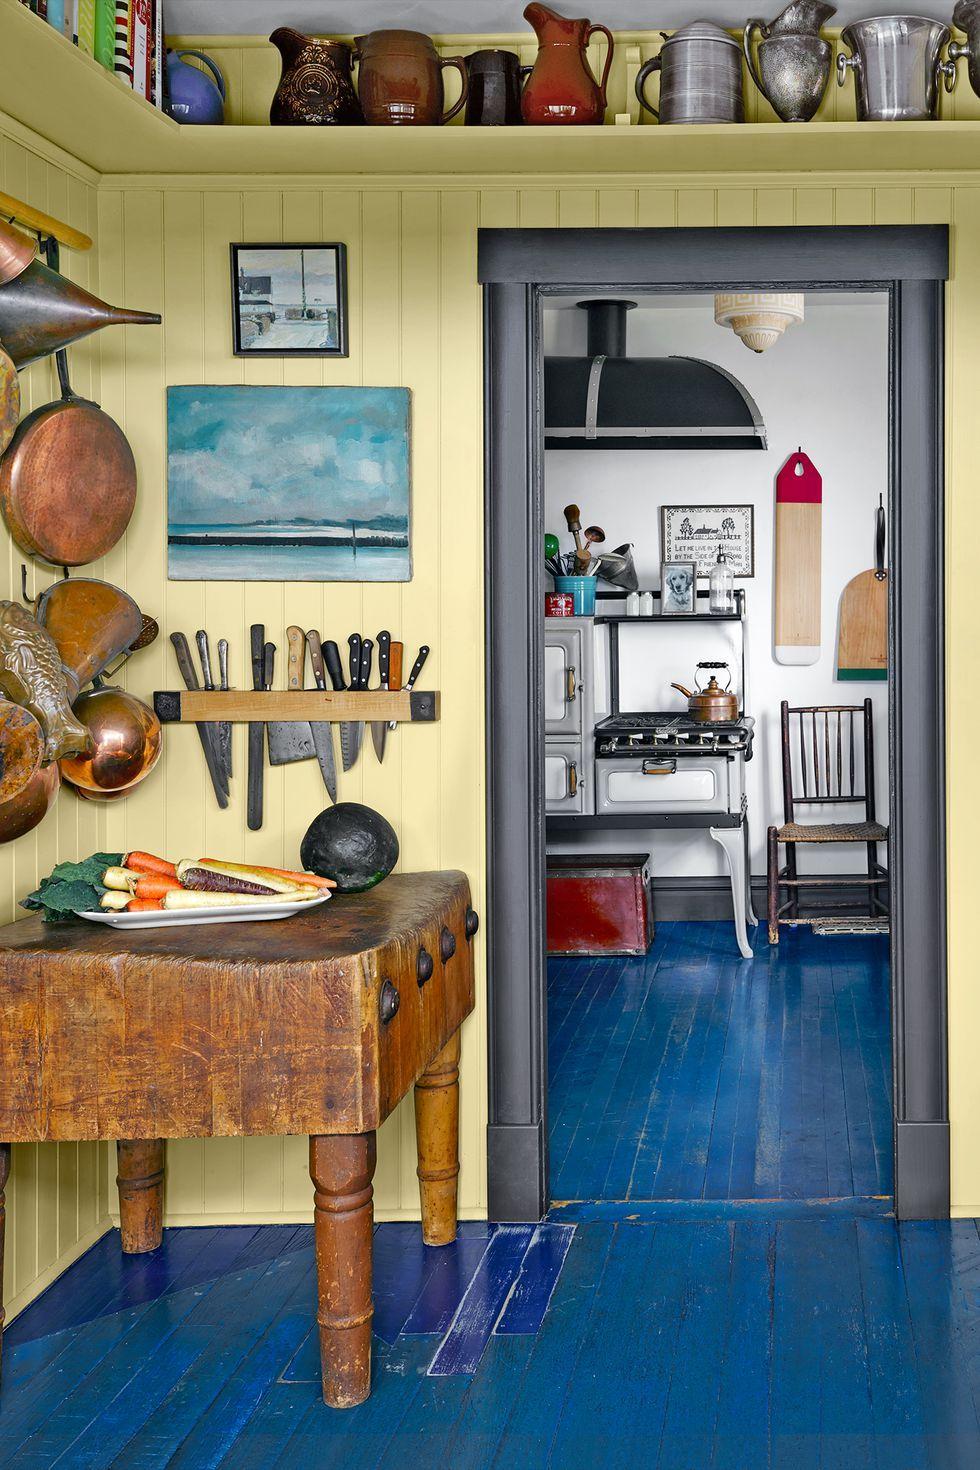 & 24 Kitchen Color Ideas - Best Kitchen Paint Color Schemes